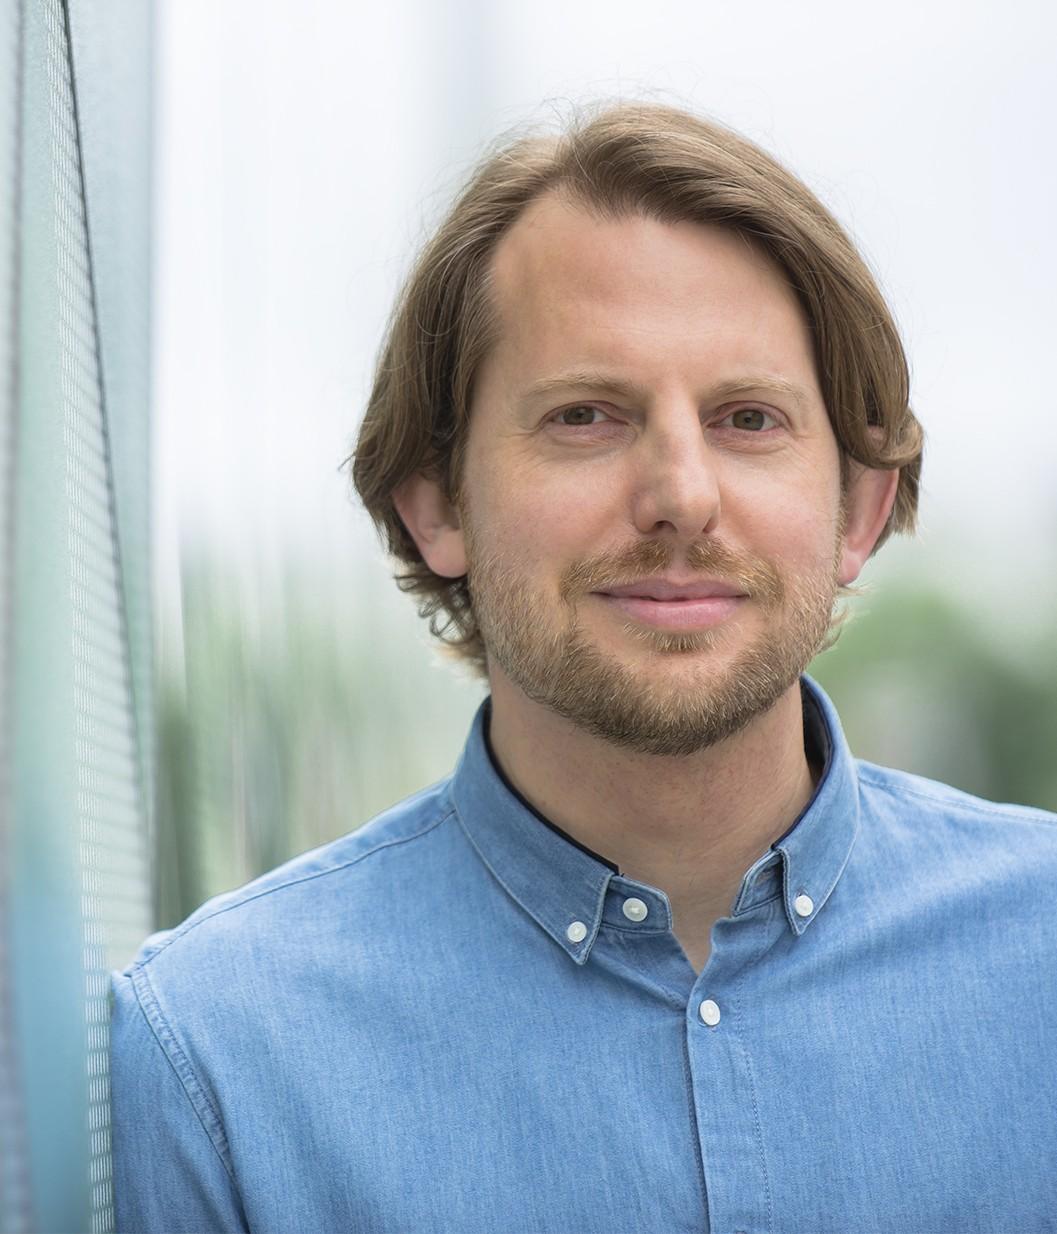 Jürgen Hein - Co-Founder, CEO